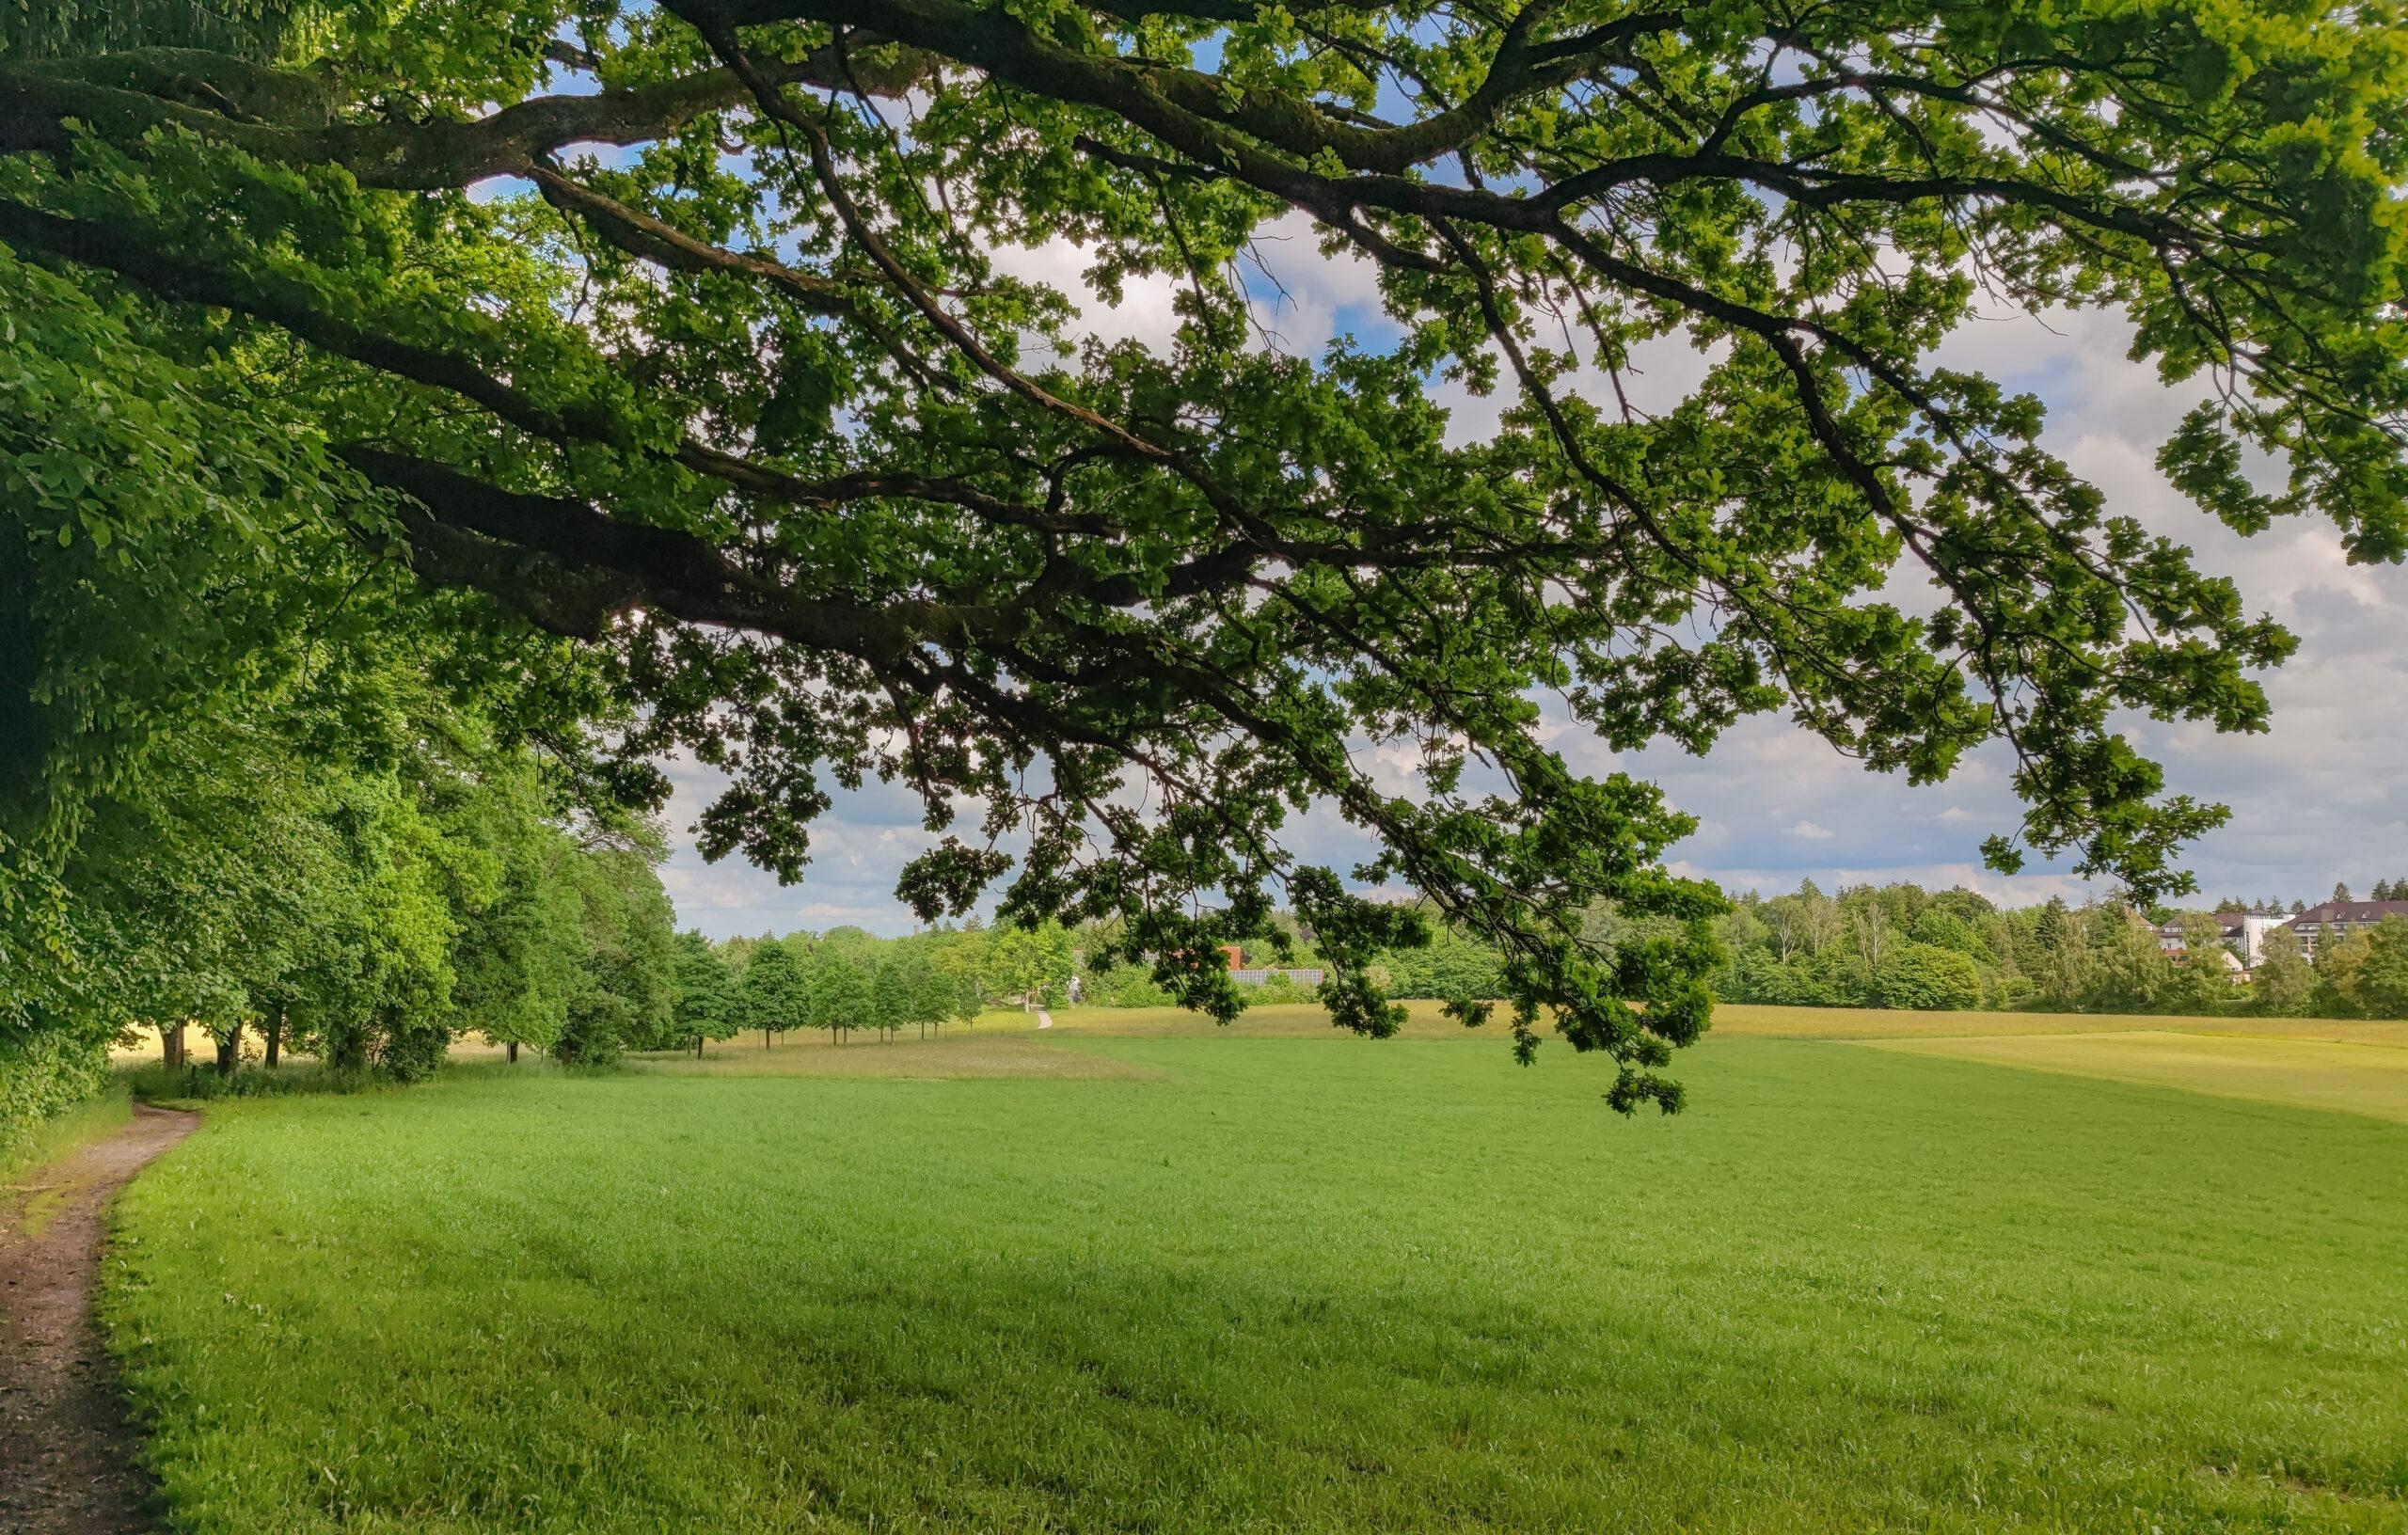 Weitwinkel Landschaftsaufnahme